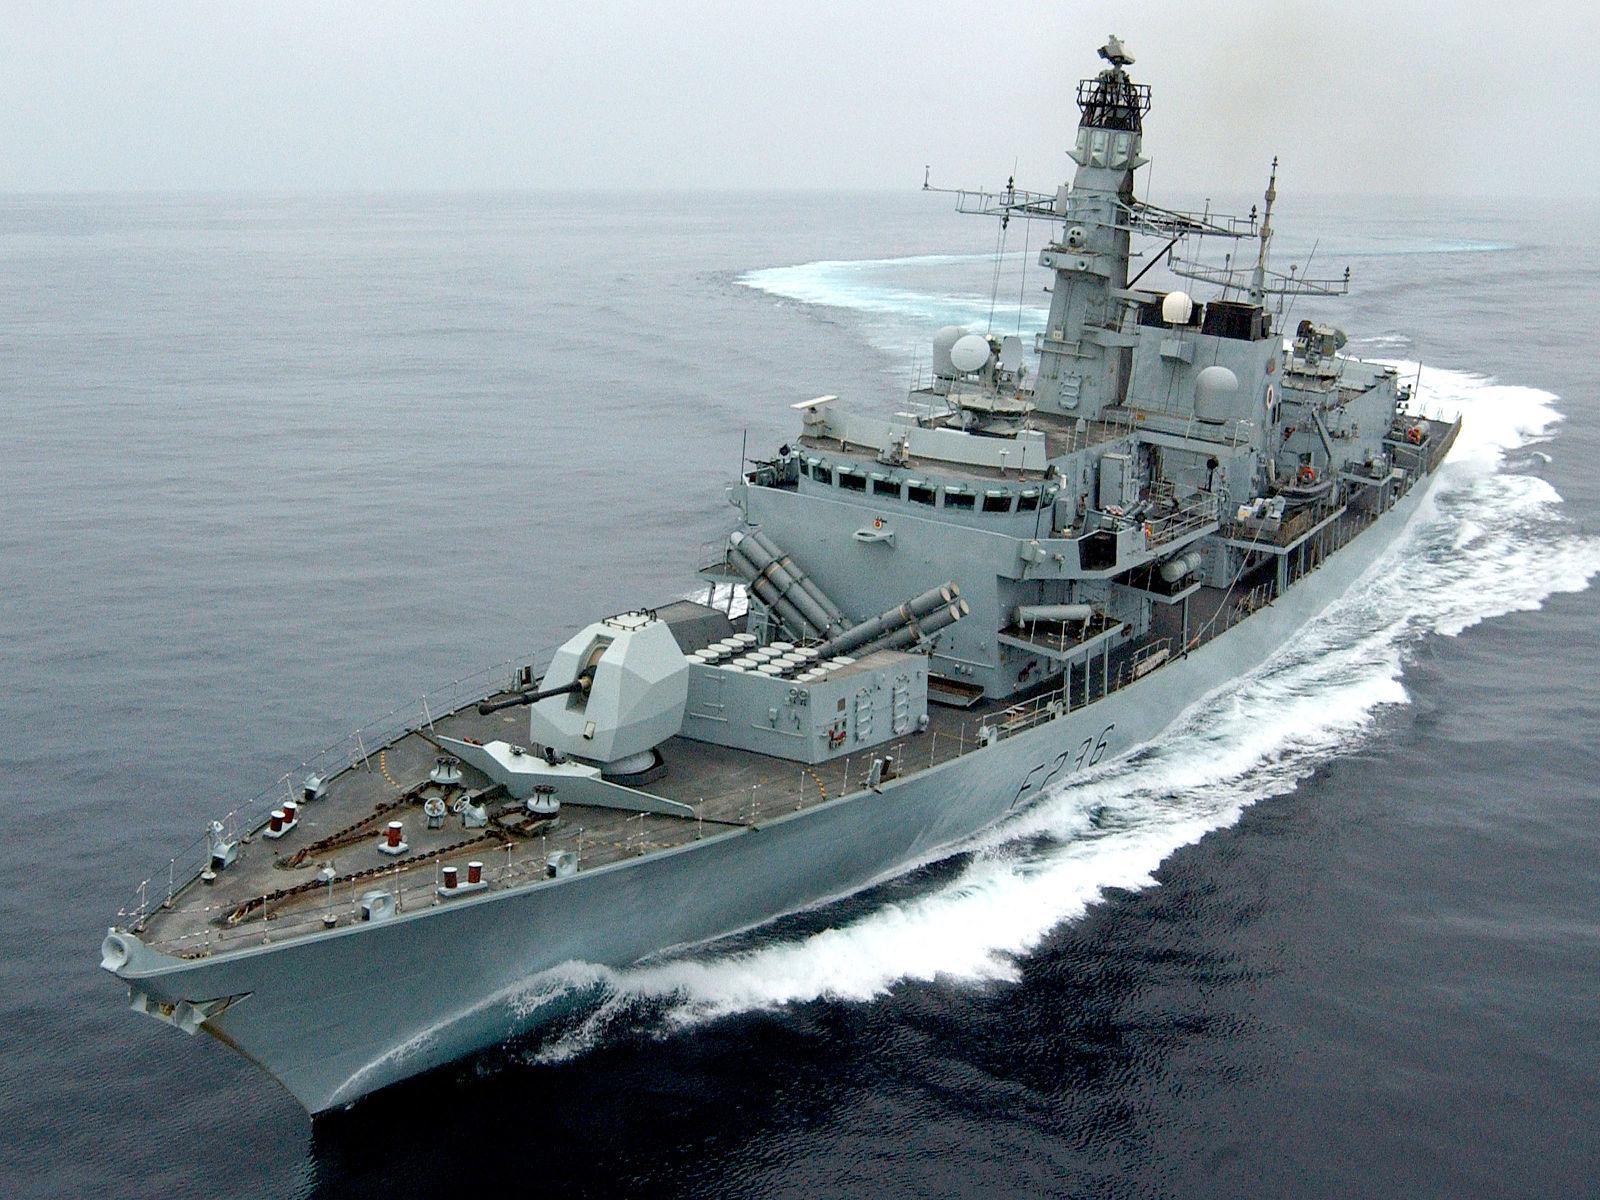 Фрегат Королевского военно-морского флота Великобритании Montrose